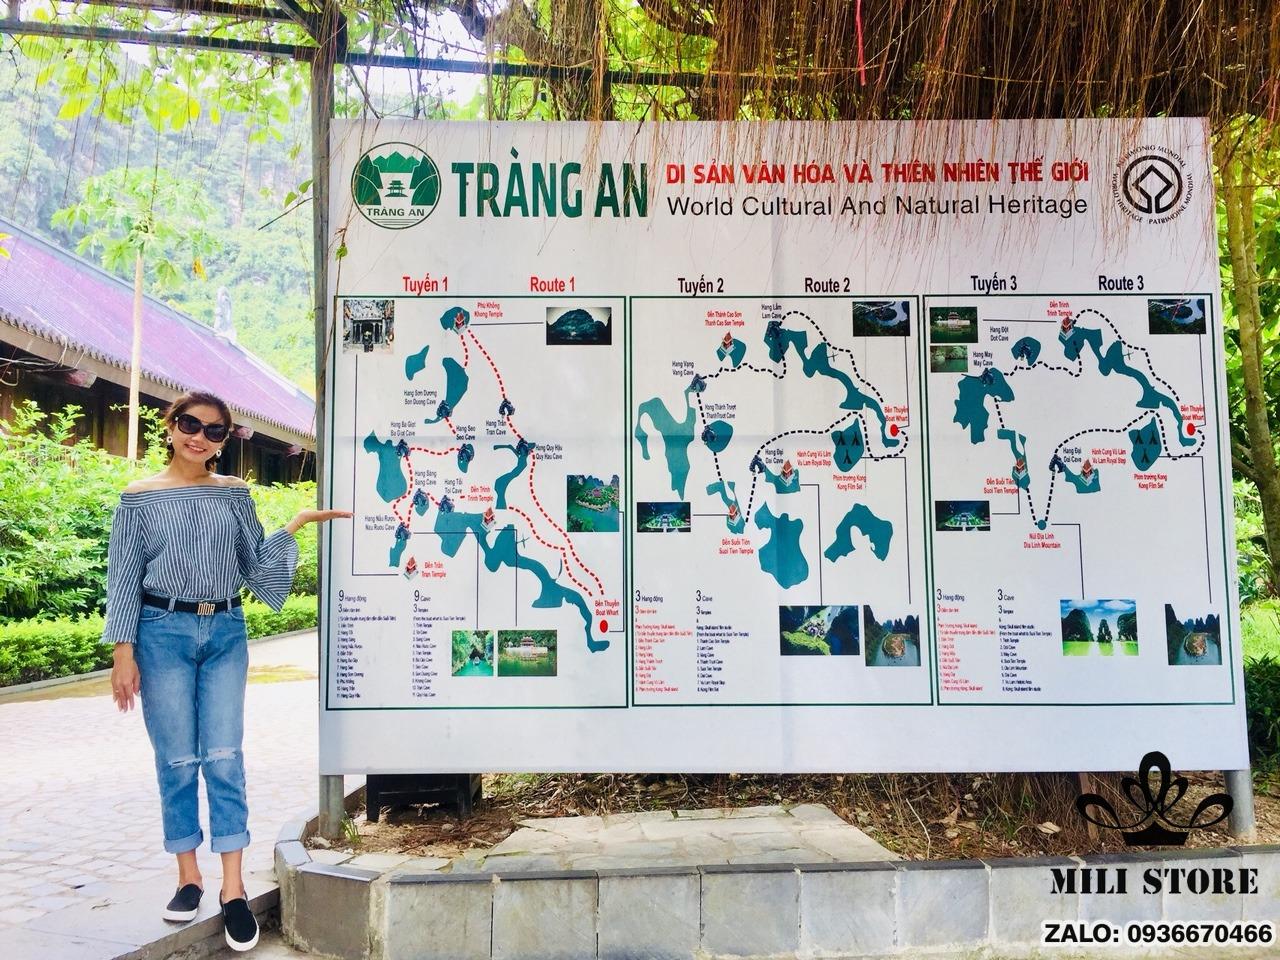 3 tuyến du lịch Tràng An Ninh Bình